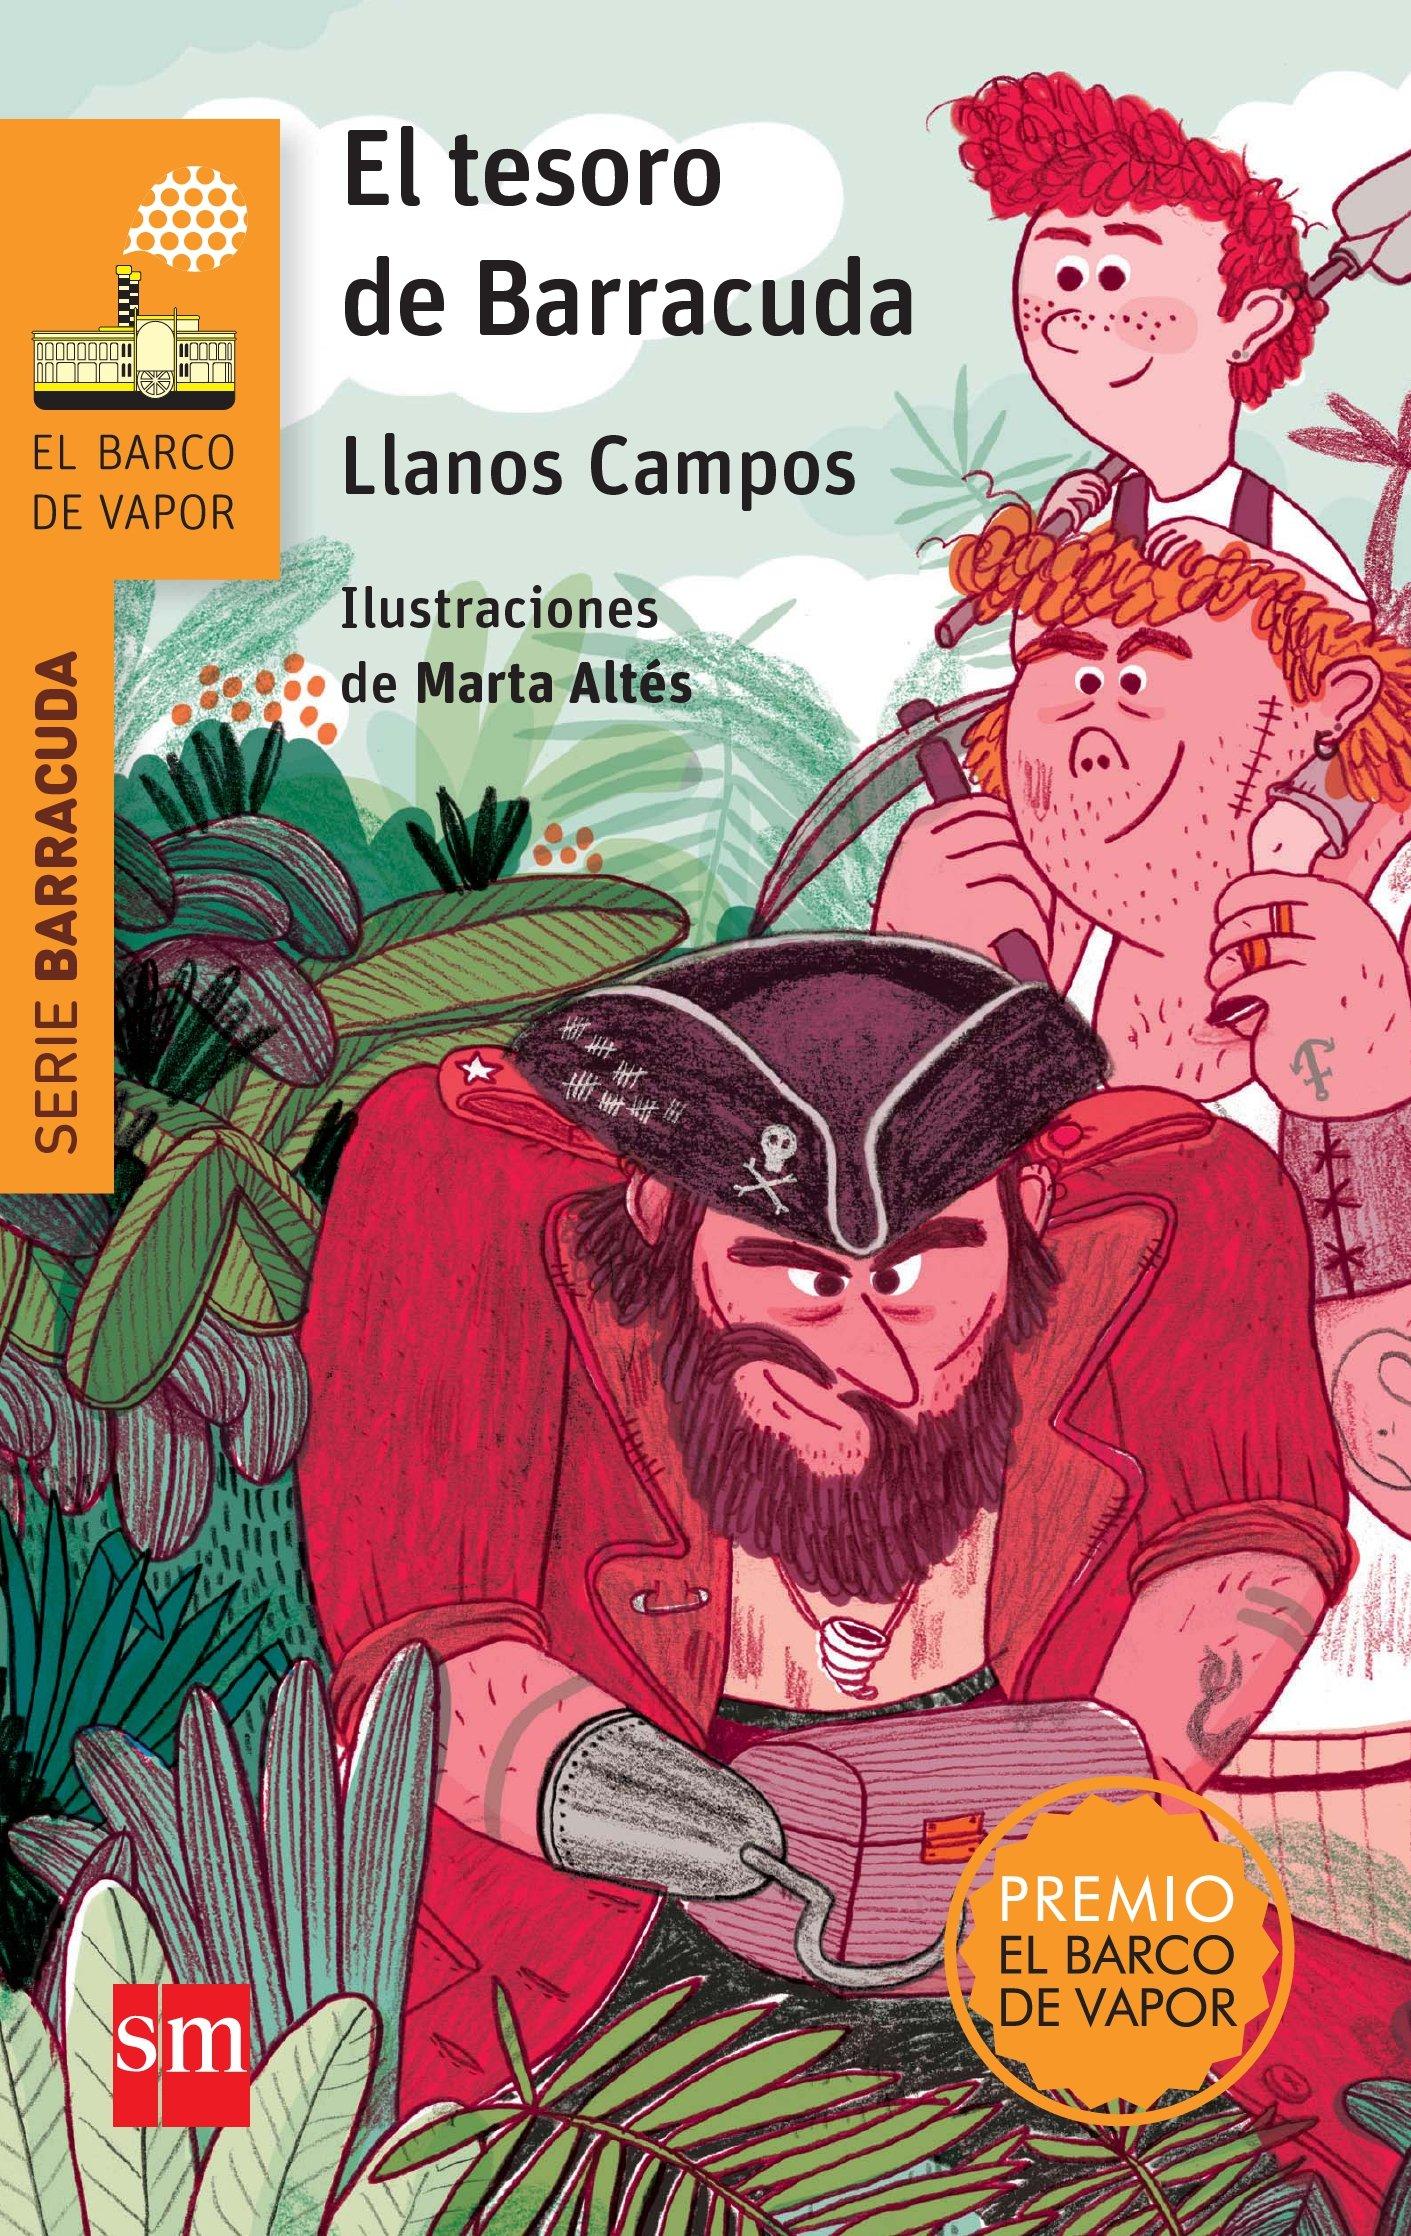 El tesoro de Barracuda (El Barco de Vapor Naranja): Amazon.es: Llanos  Campos Martínez, Marta Altés García: Libros